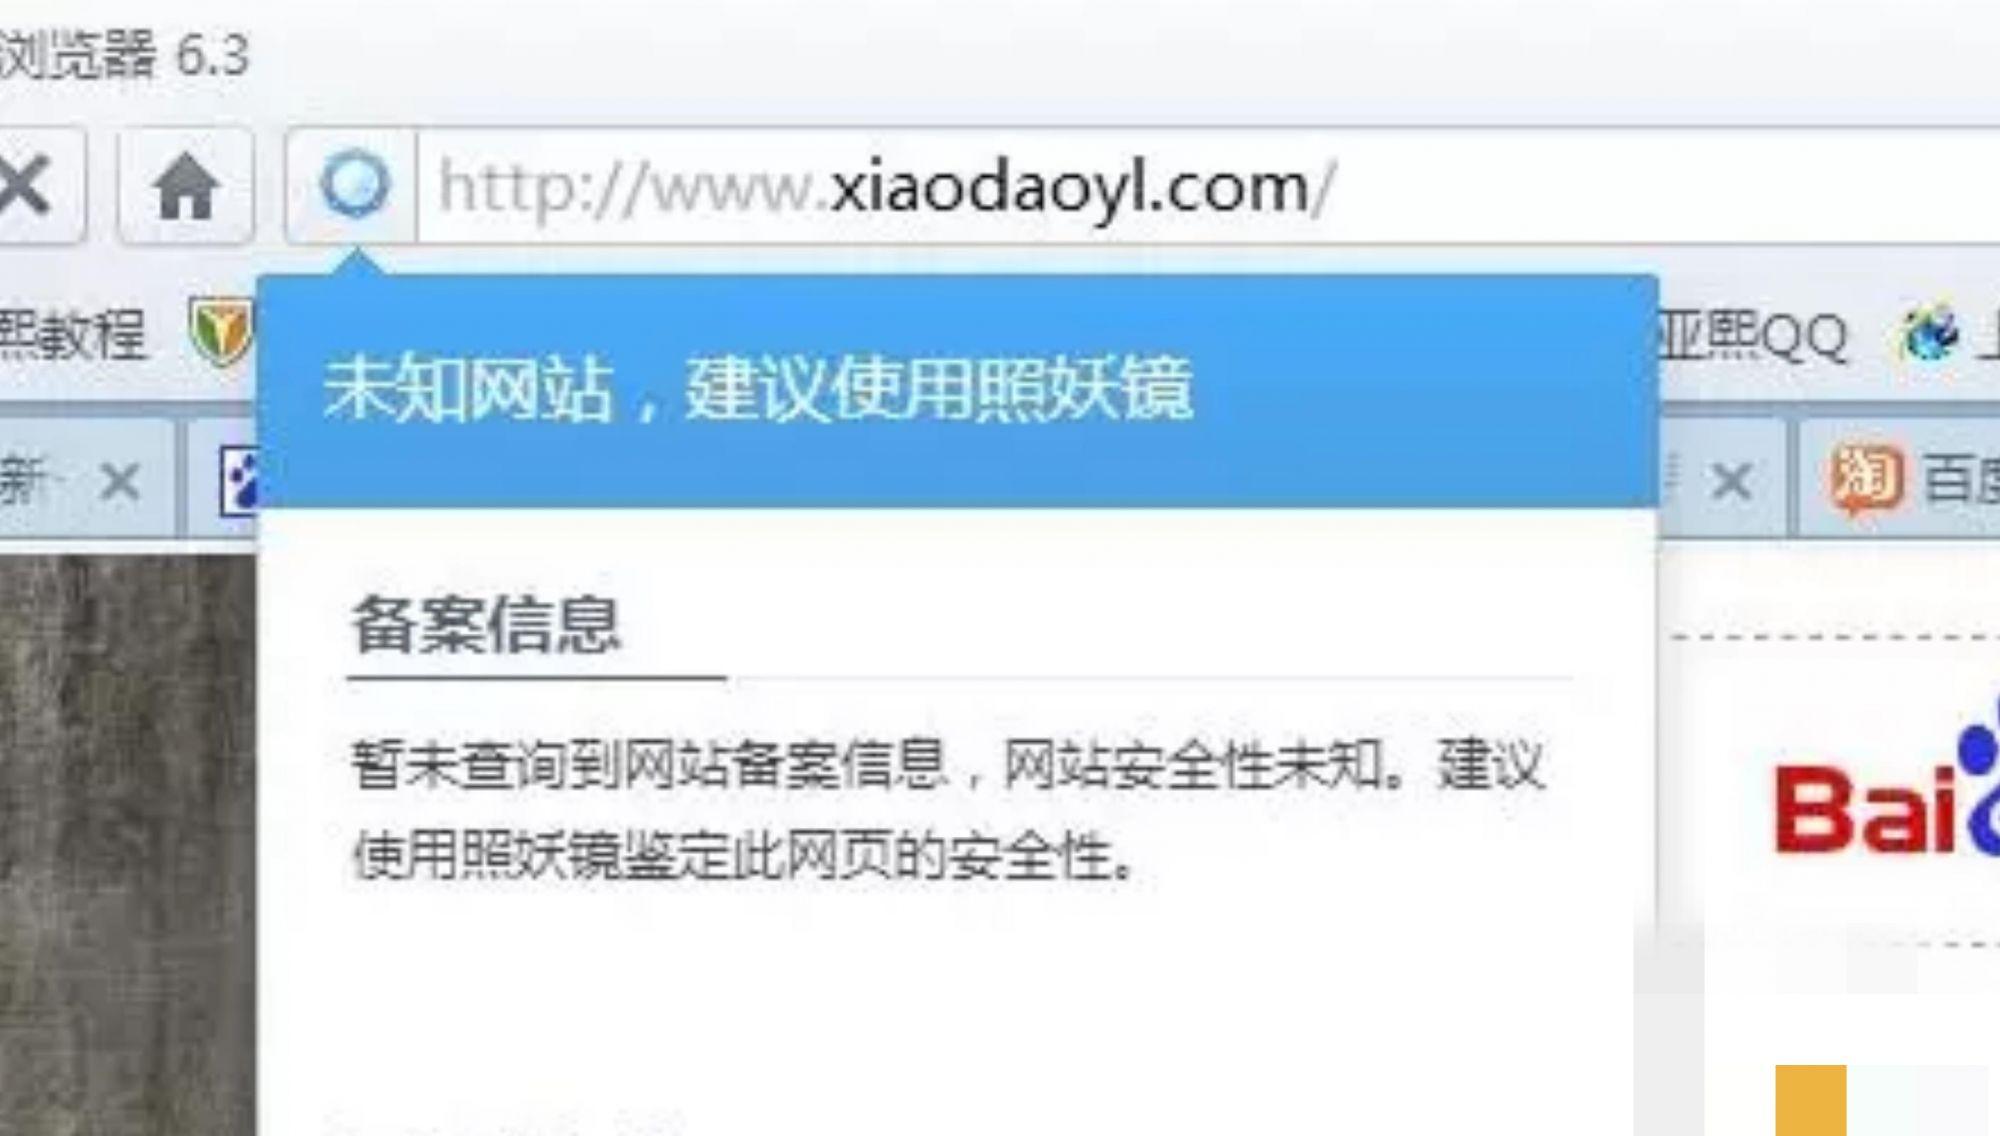 【站长新闻】小刀娱乐网站长因非法提供菠菜程序违法盈利被判刑